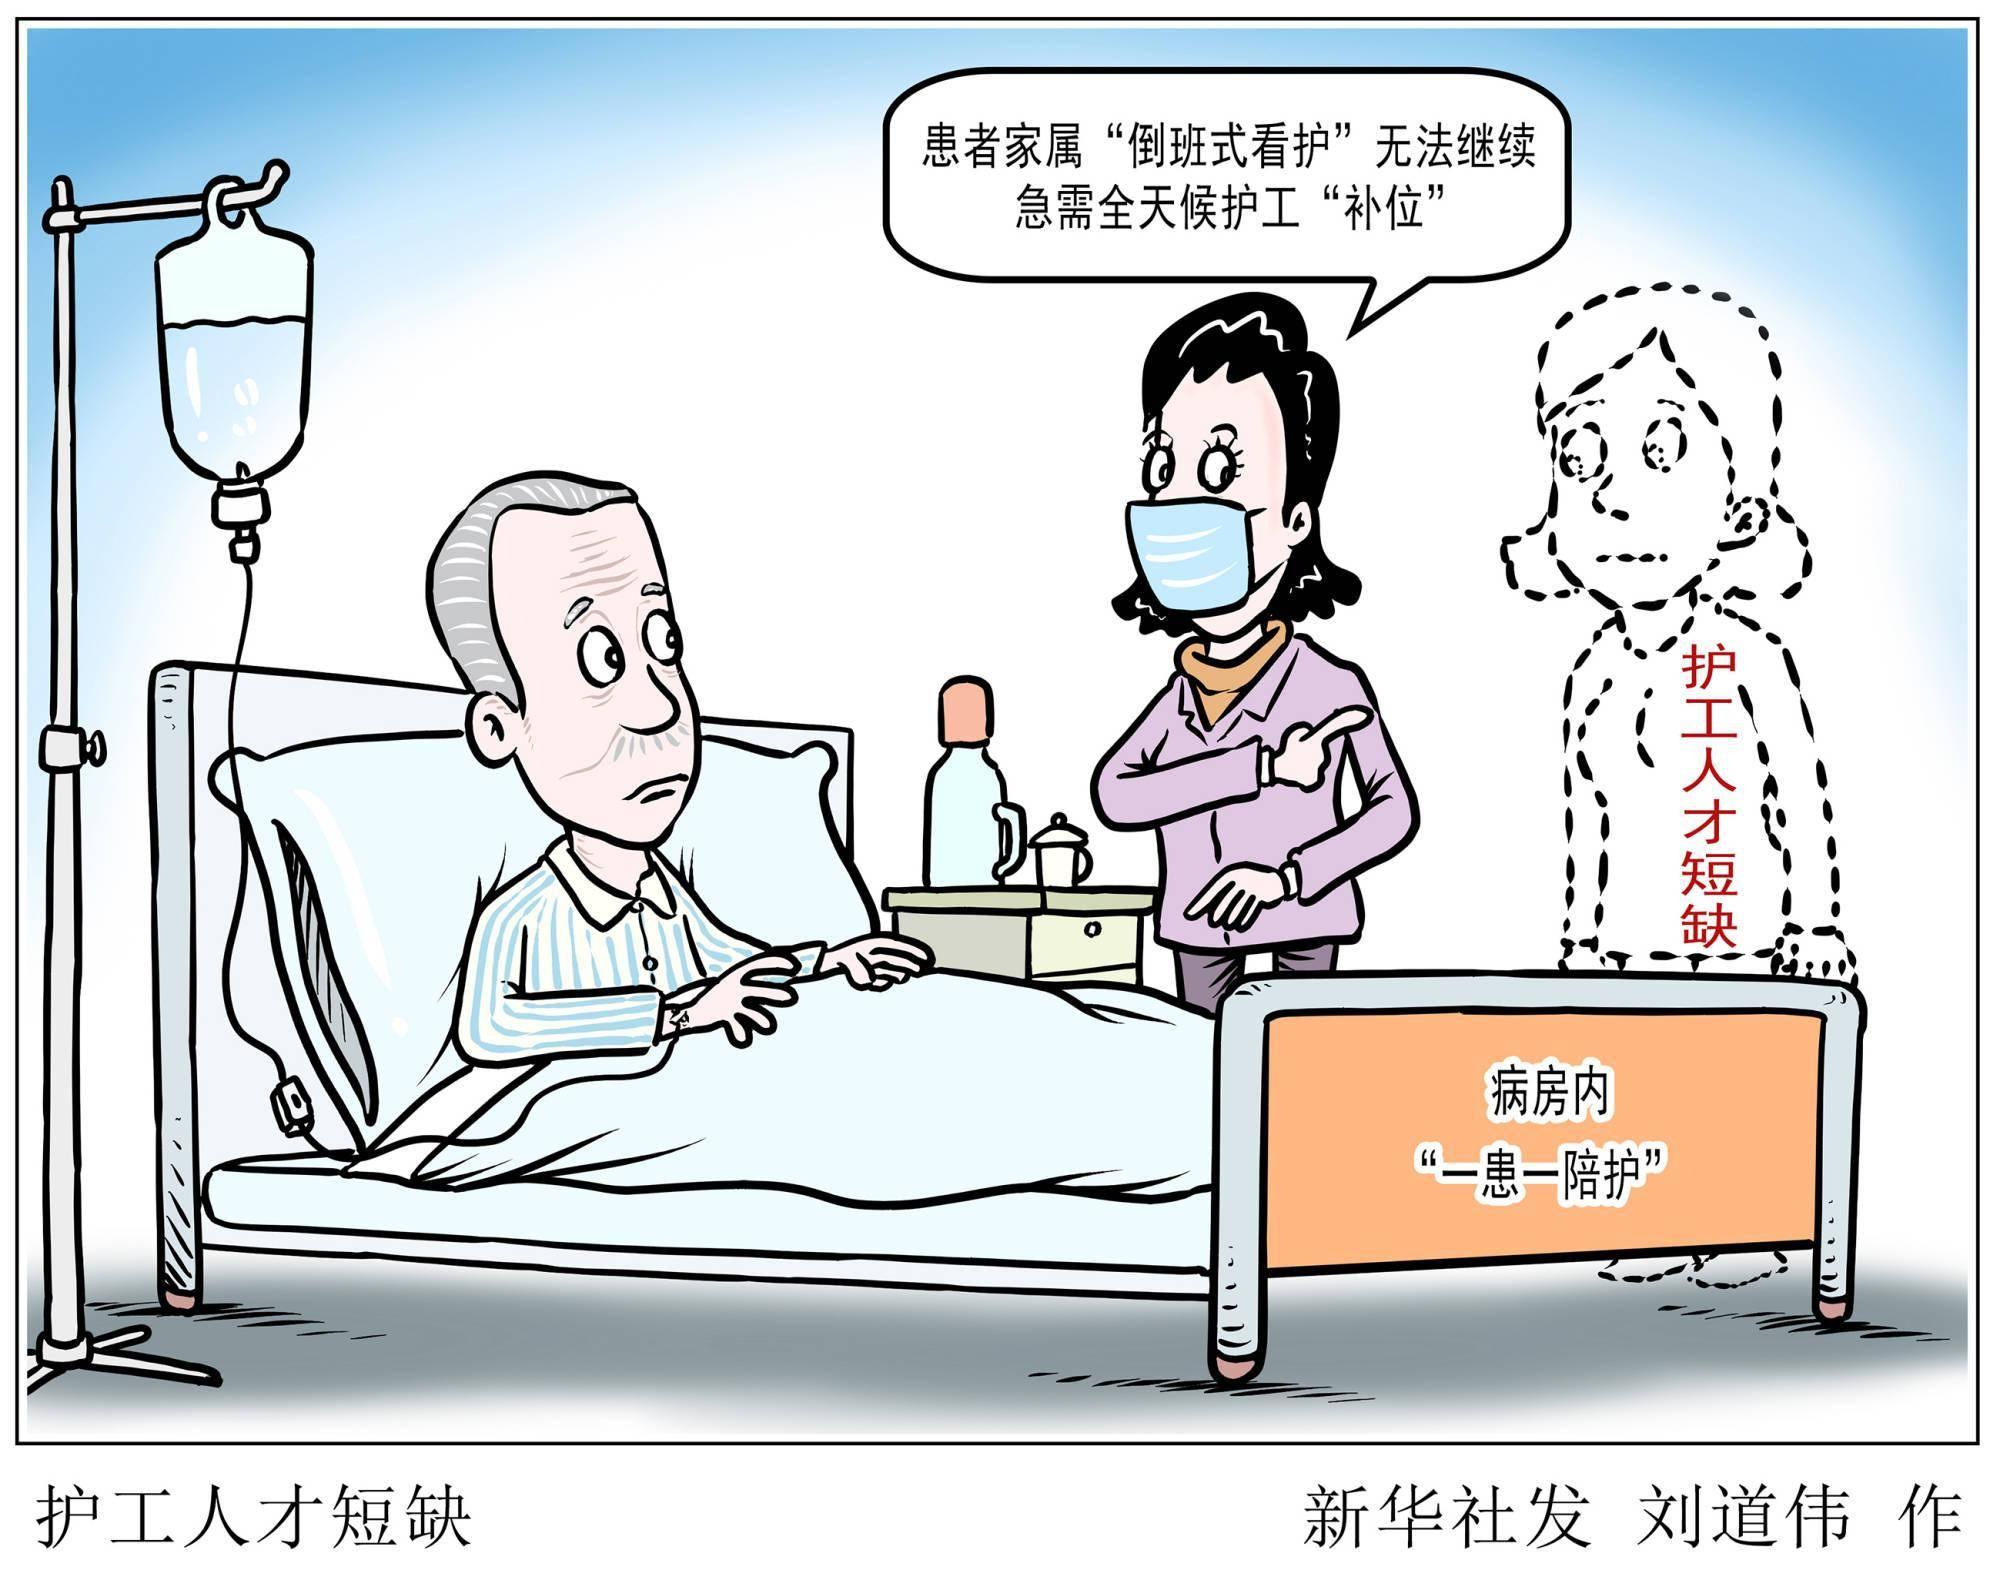 这位代表建议医院应该设立一个护理岗位。最好从医院护理人员的培训开始